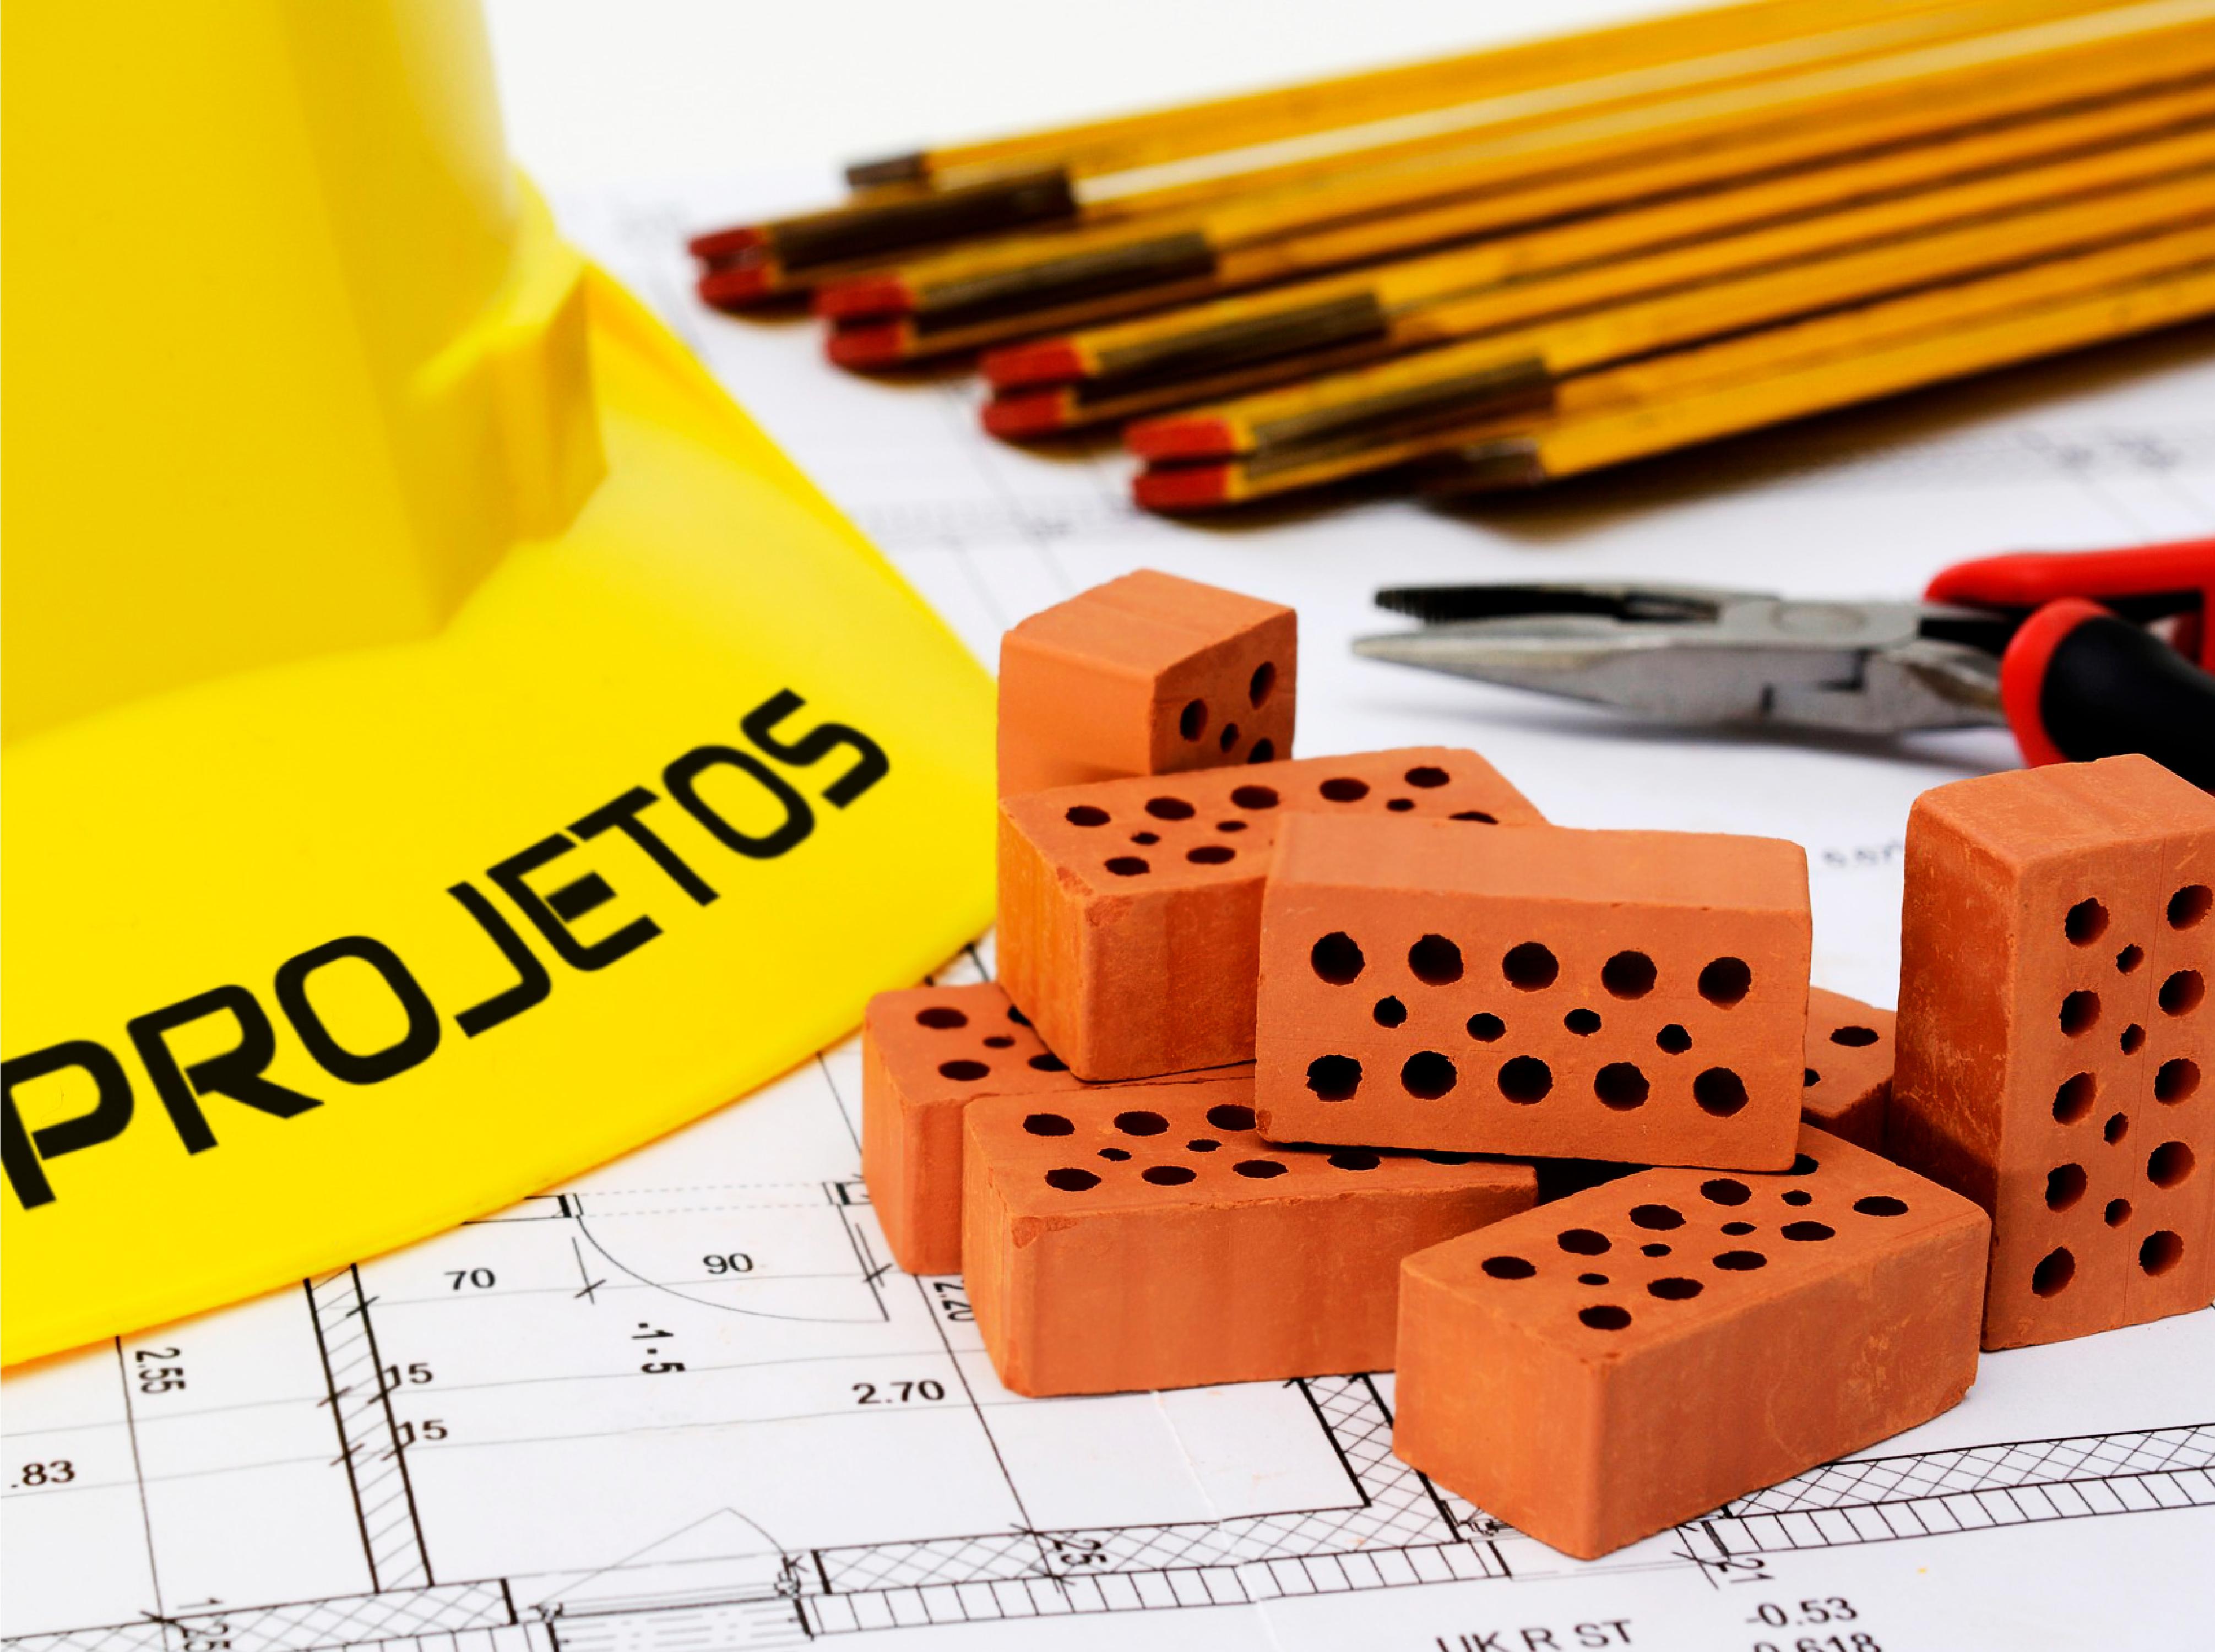 Projetos! Tipos, importância e benefícios.